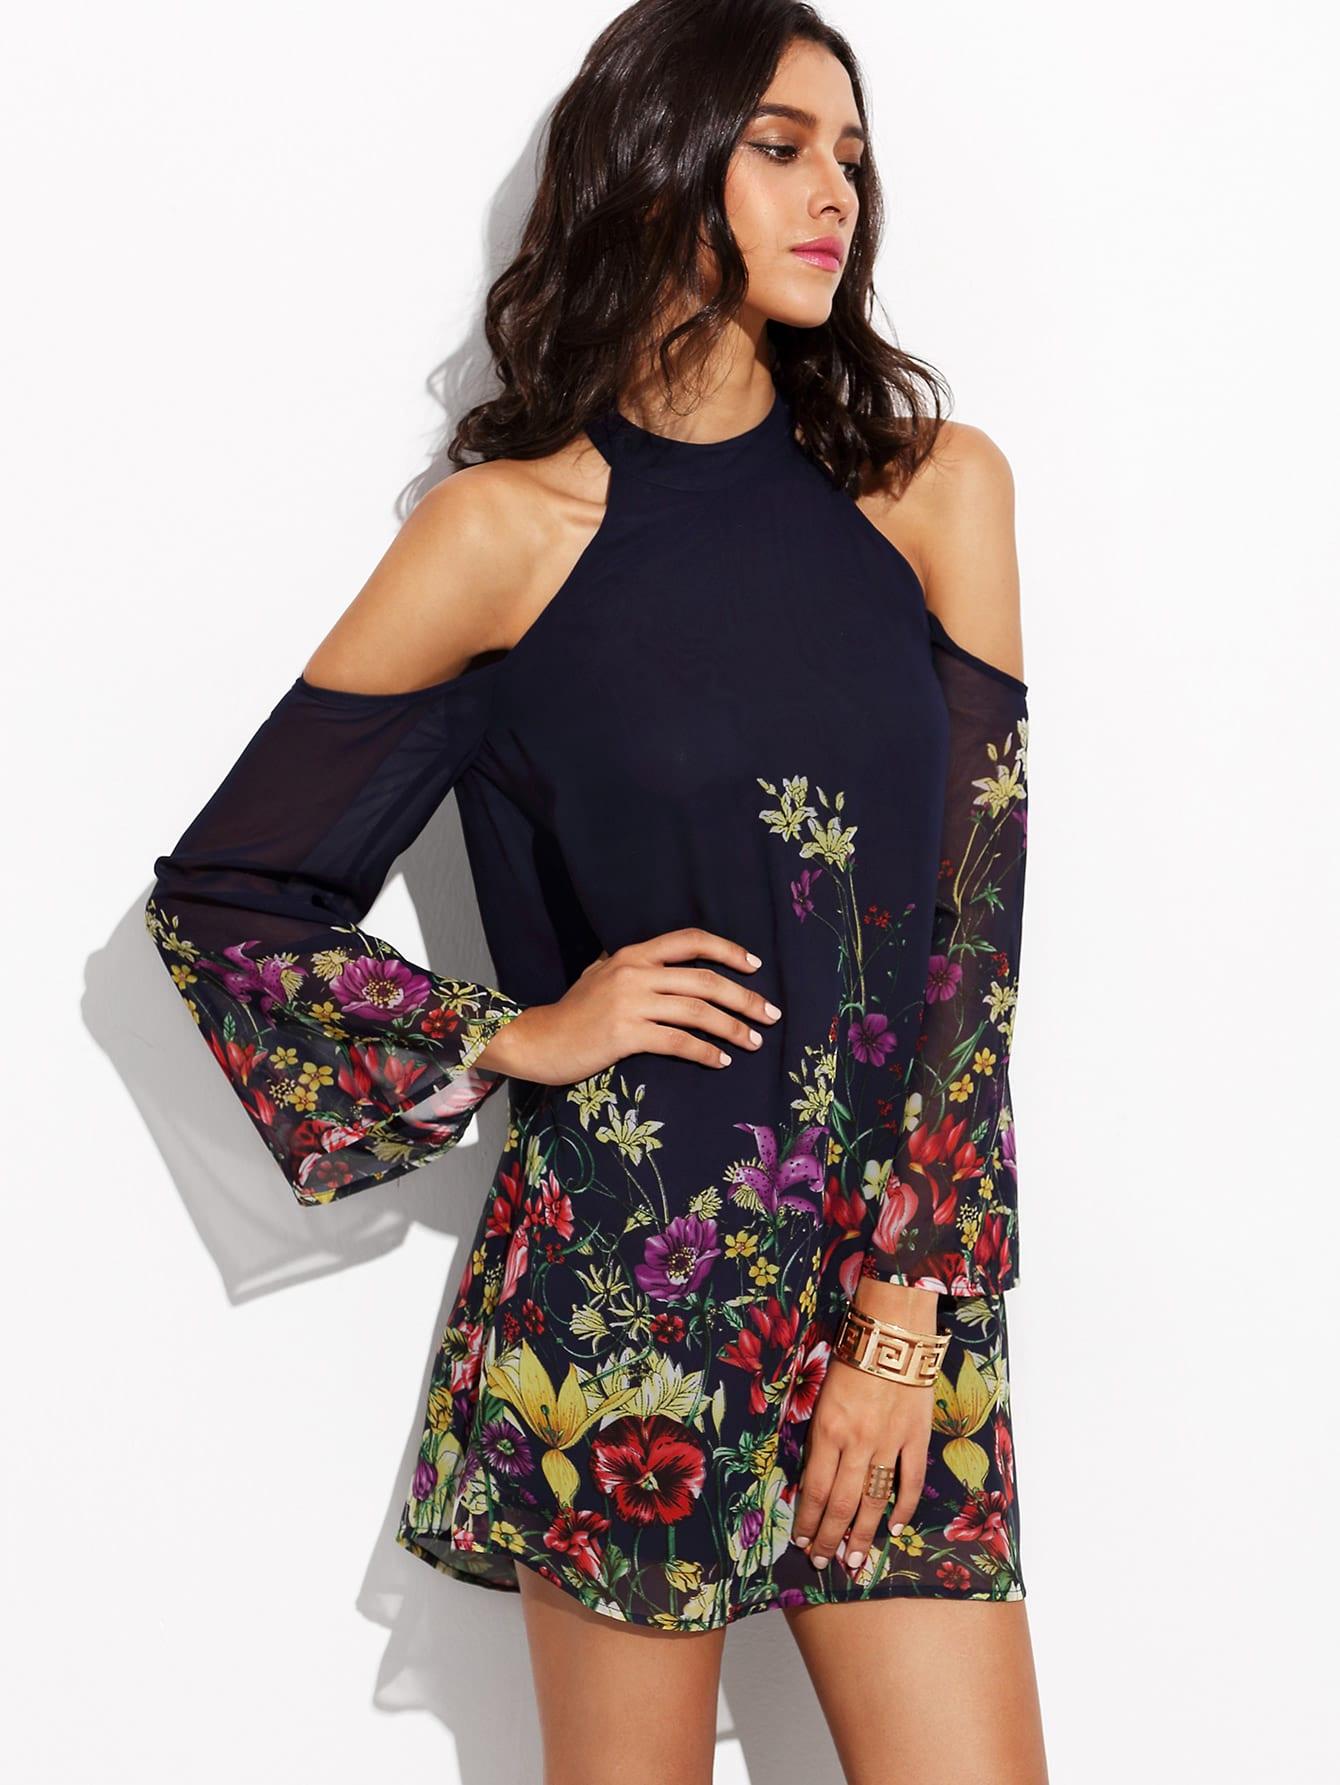 dress160811704_2